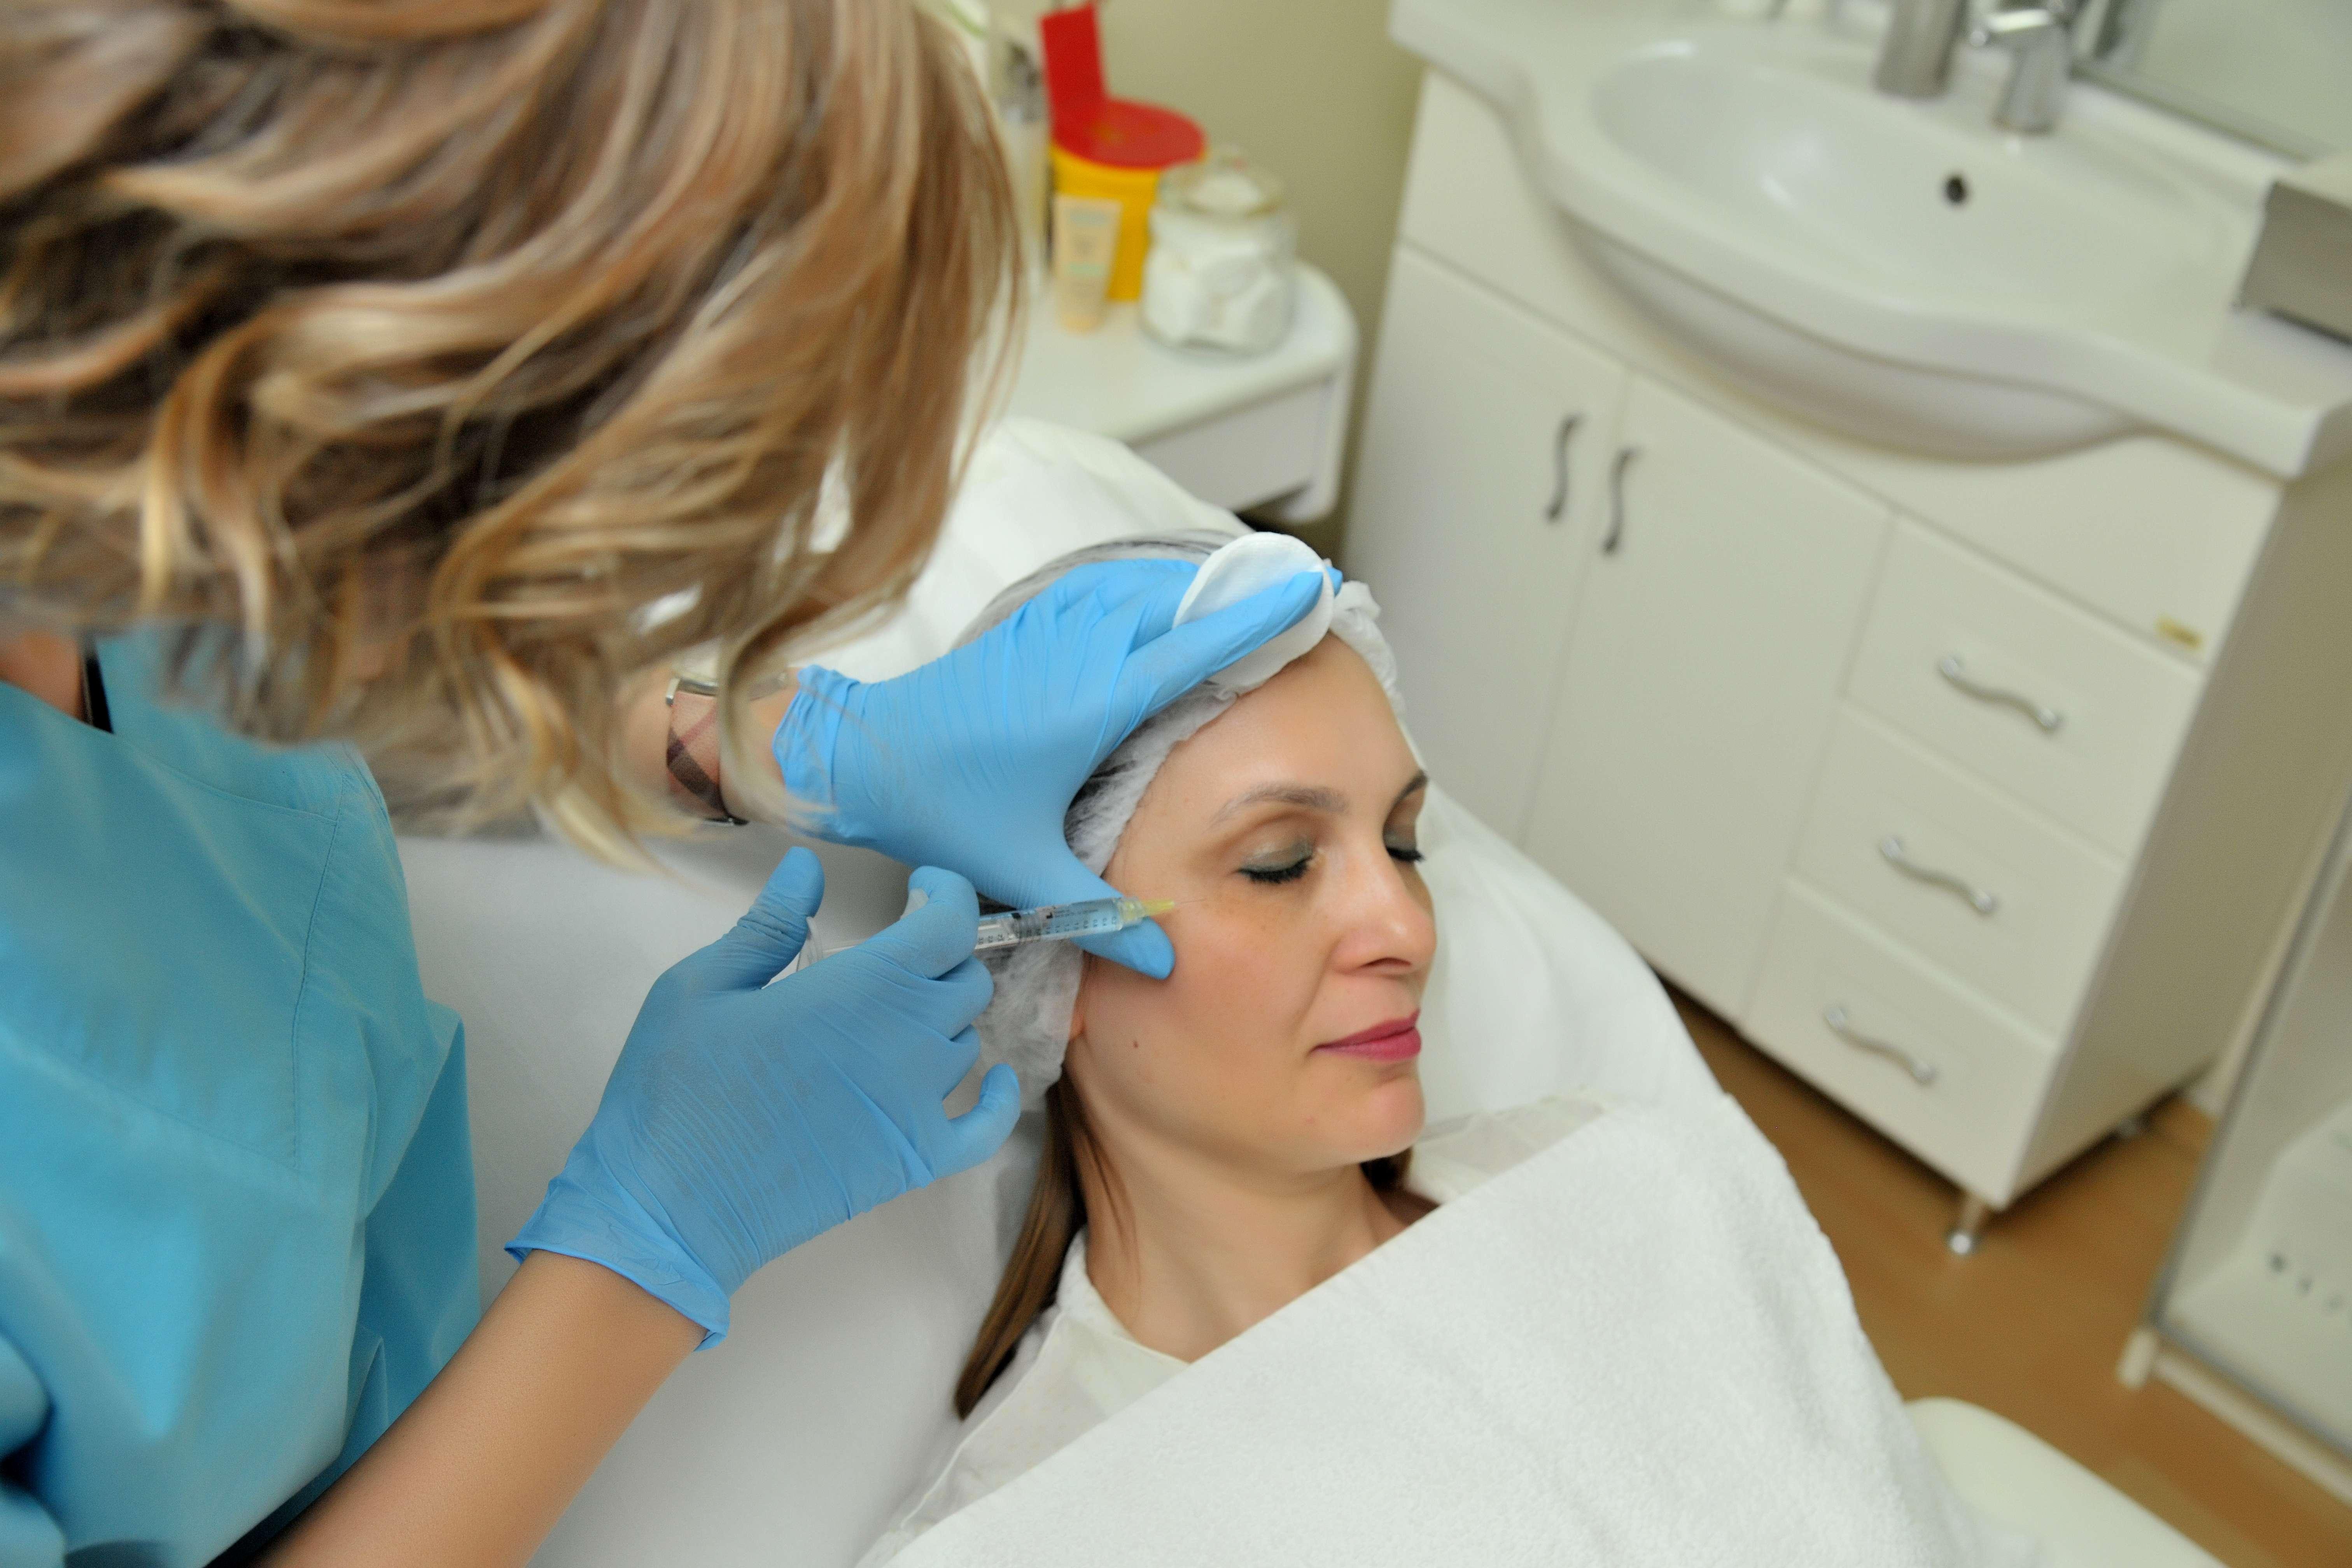 Kaz Ayakları İçin Botox: Göz Çevresine Botoks